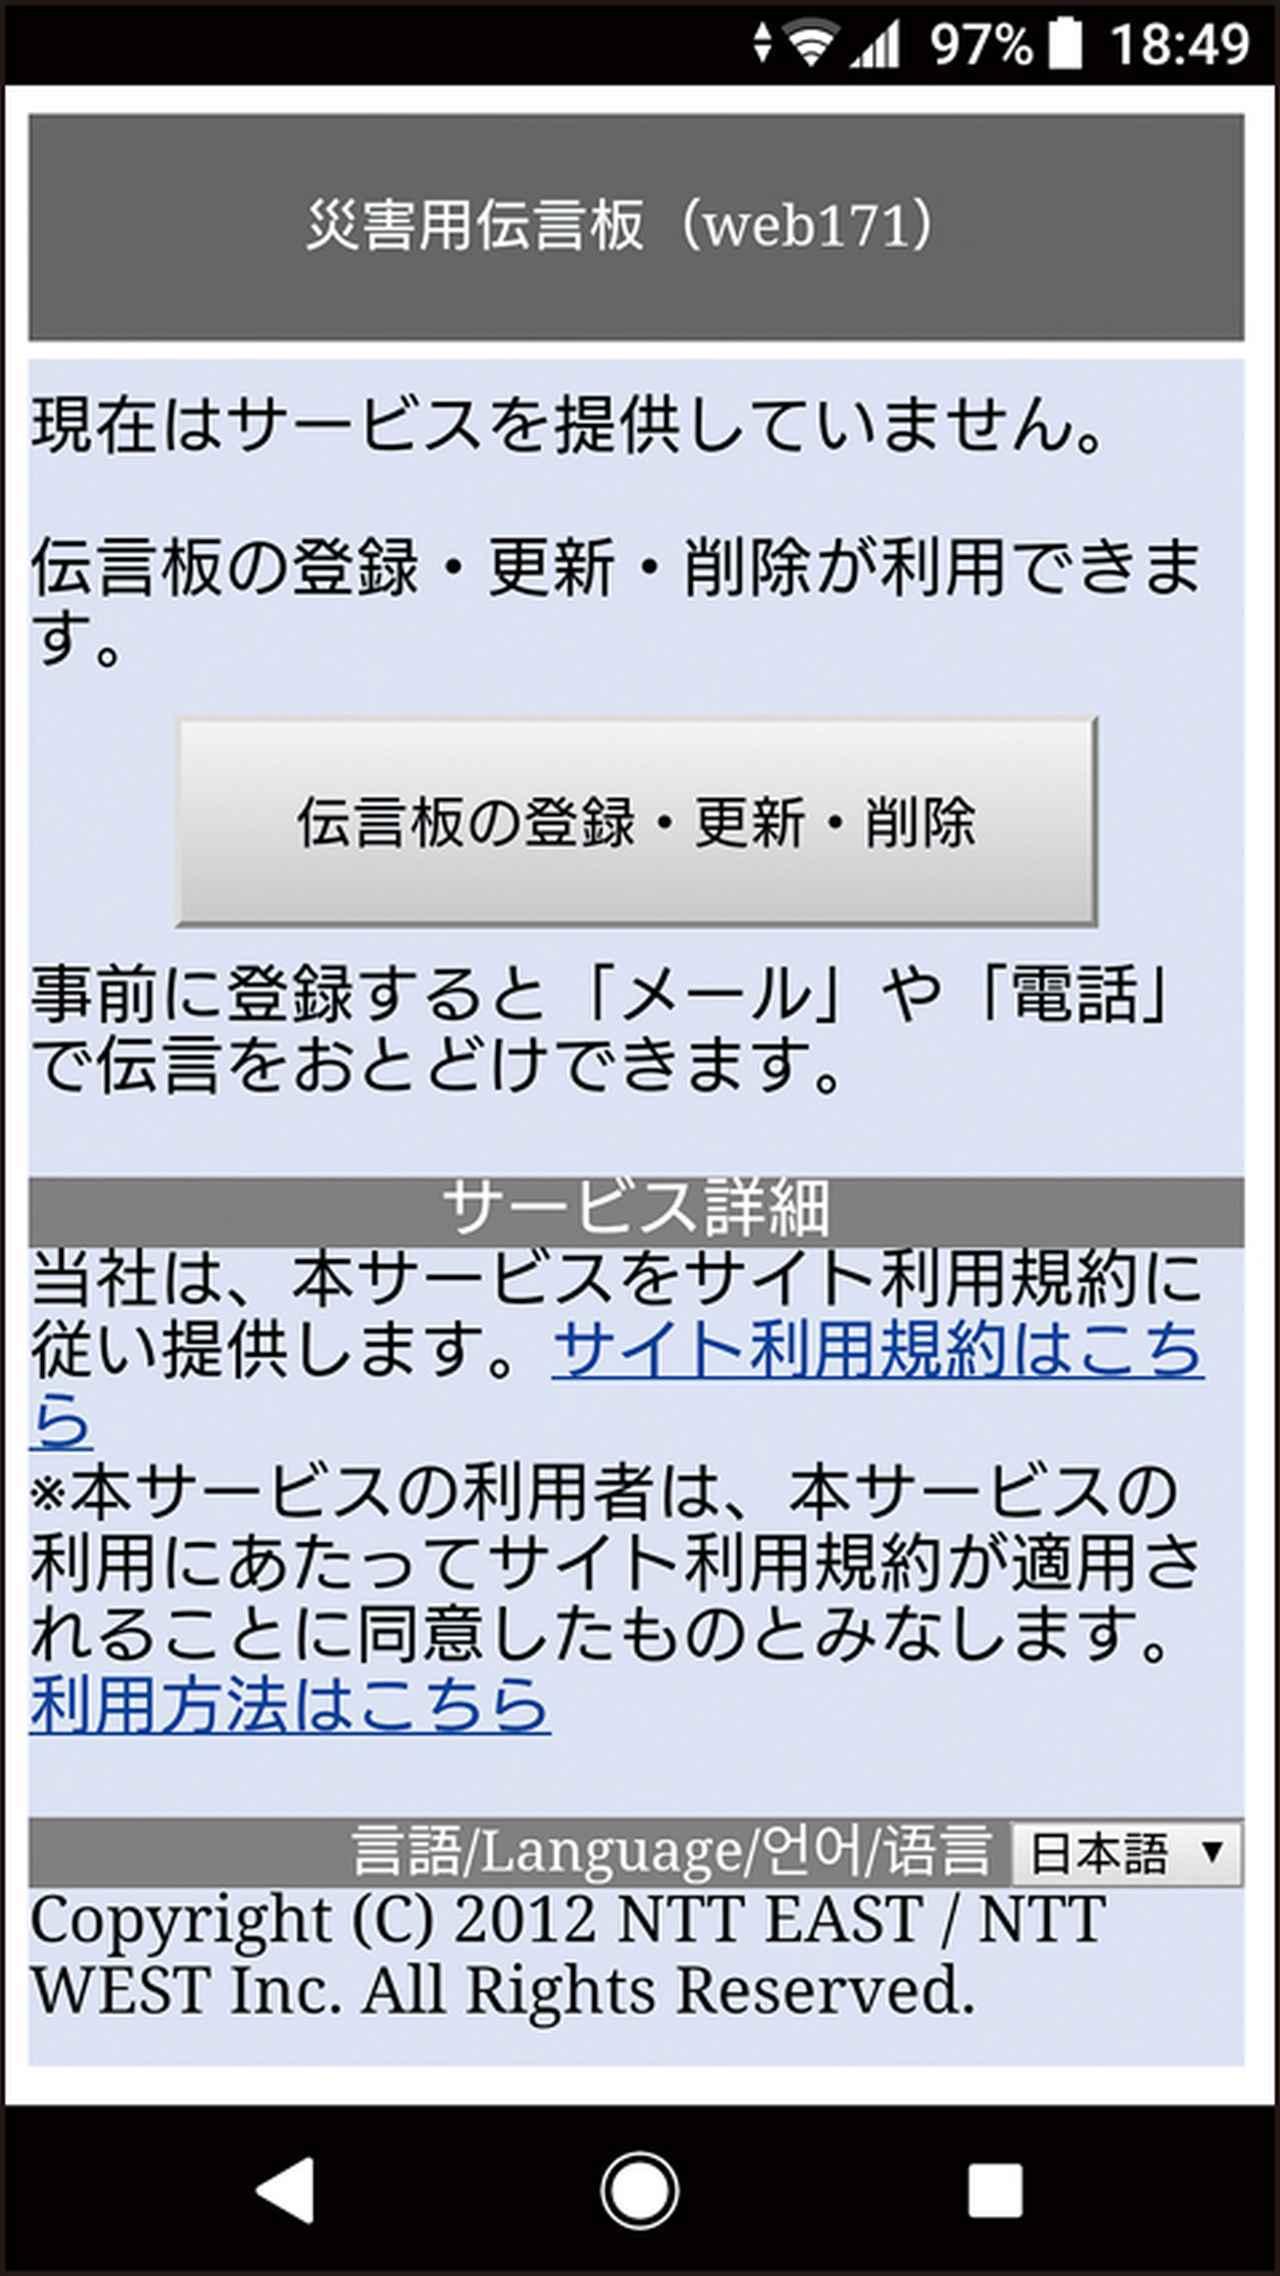 画像: NTT東西が運営する「災害用伝言板(web171)」。固定電話や携帯電話の番号で登録し、パソコンからも利用可能。毎月1、15日などに体験利用が可能。